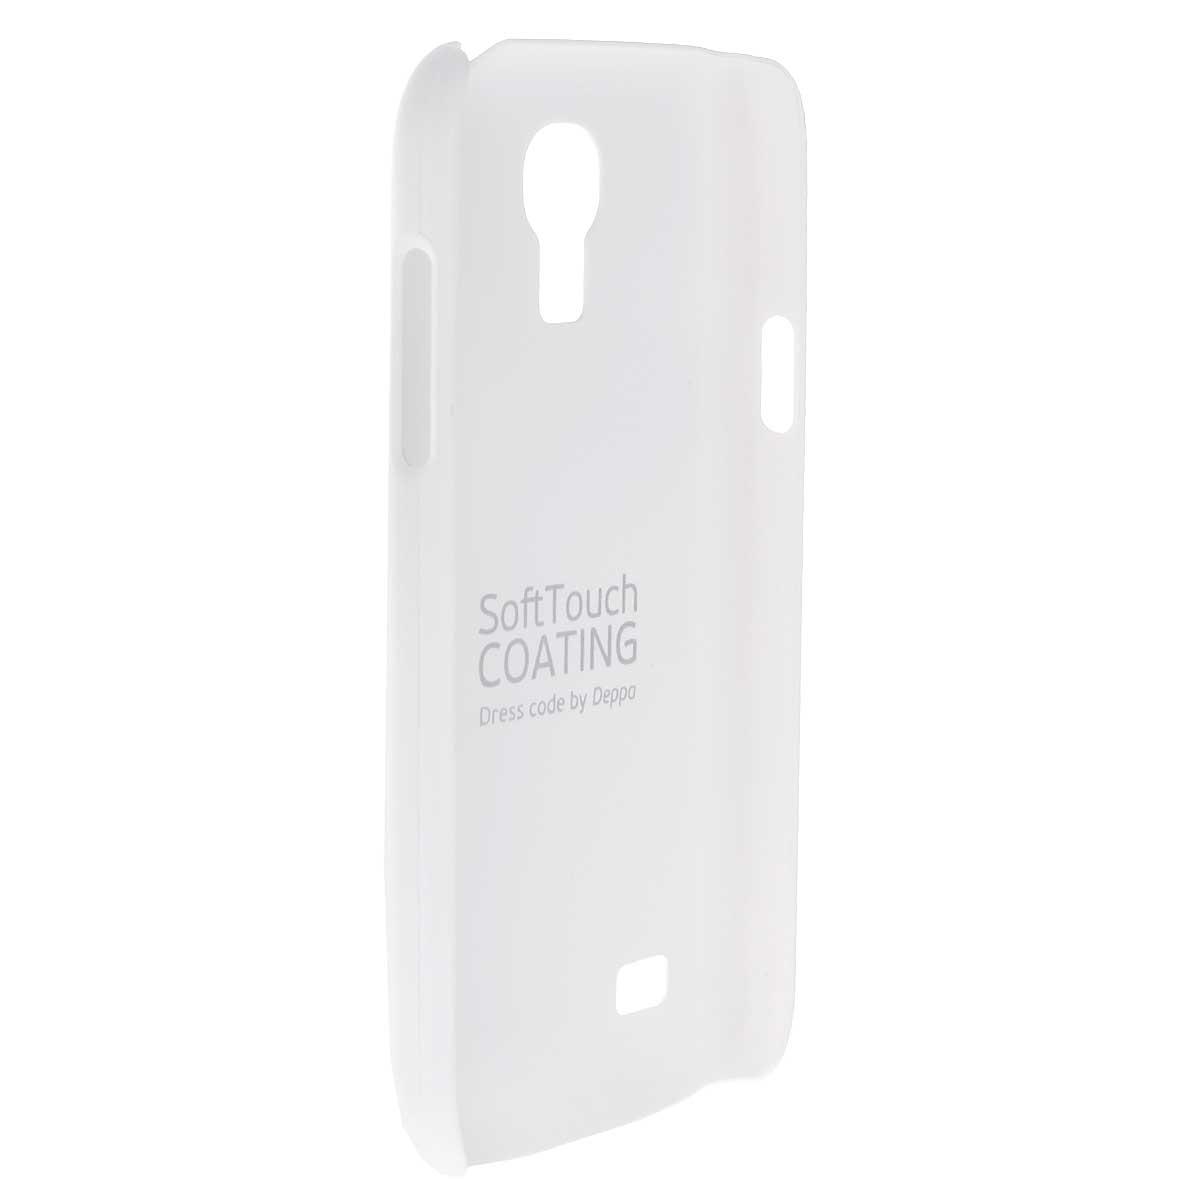 Deppa Air Case чехол для Samsung Galaxy S4 mini, White83029Чехол Deppa Air Case для Samsung Galaxy S4 mini предназначен для защиты корпуса смартфона от механических повреждений и царапин в процессе эксплуатации. Имеется свободный доступ ко всем разъемам и кнопкам устройства. Чехол изготовлен из поликарбоната Teijin производства Японии с покрытием Soft touch. В комплект также входит защитная пленка из трехслойного японского материала PET.